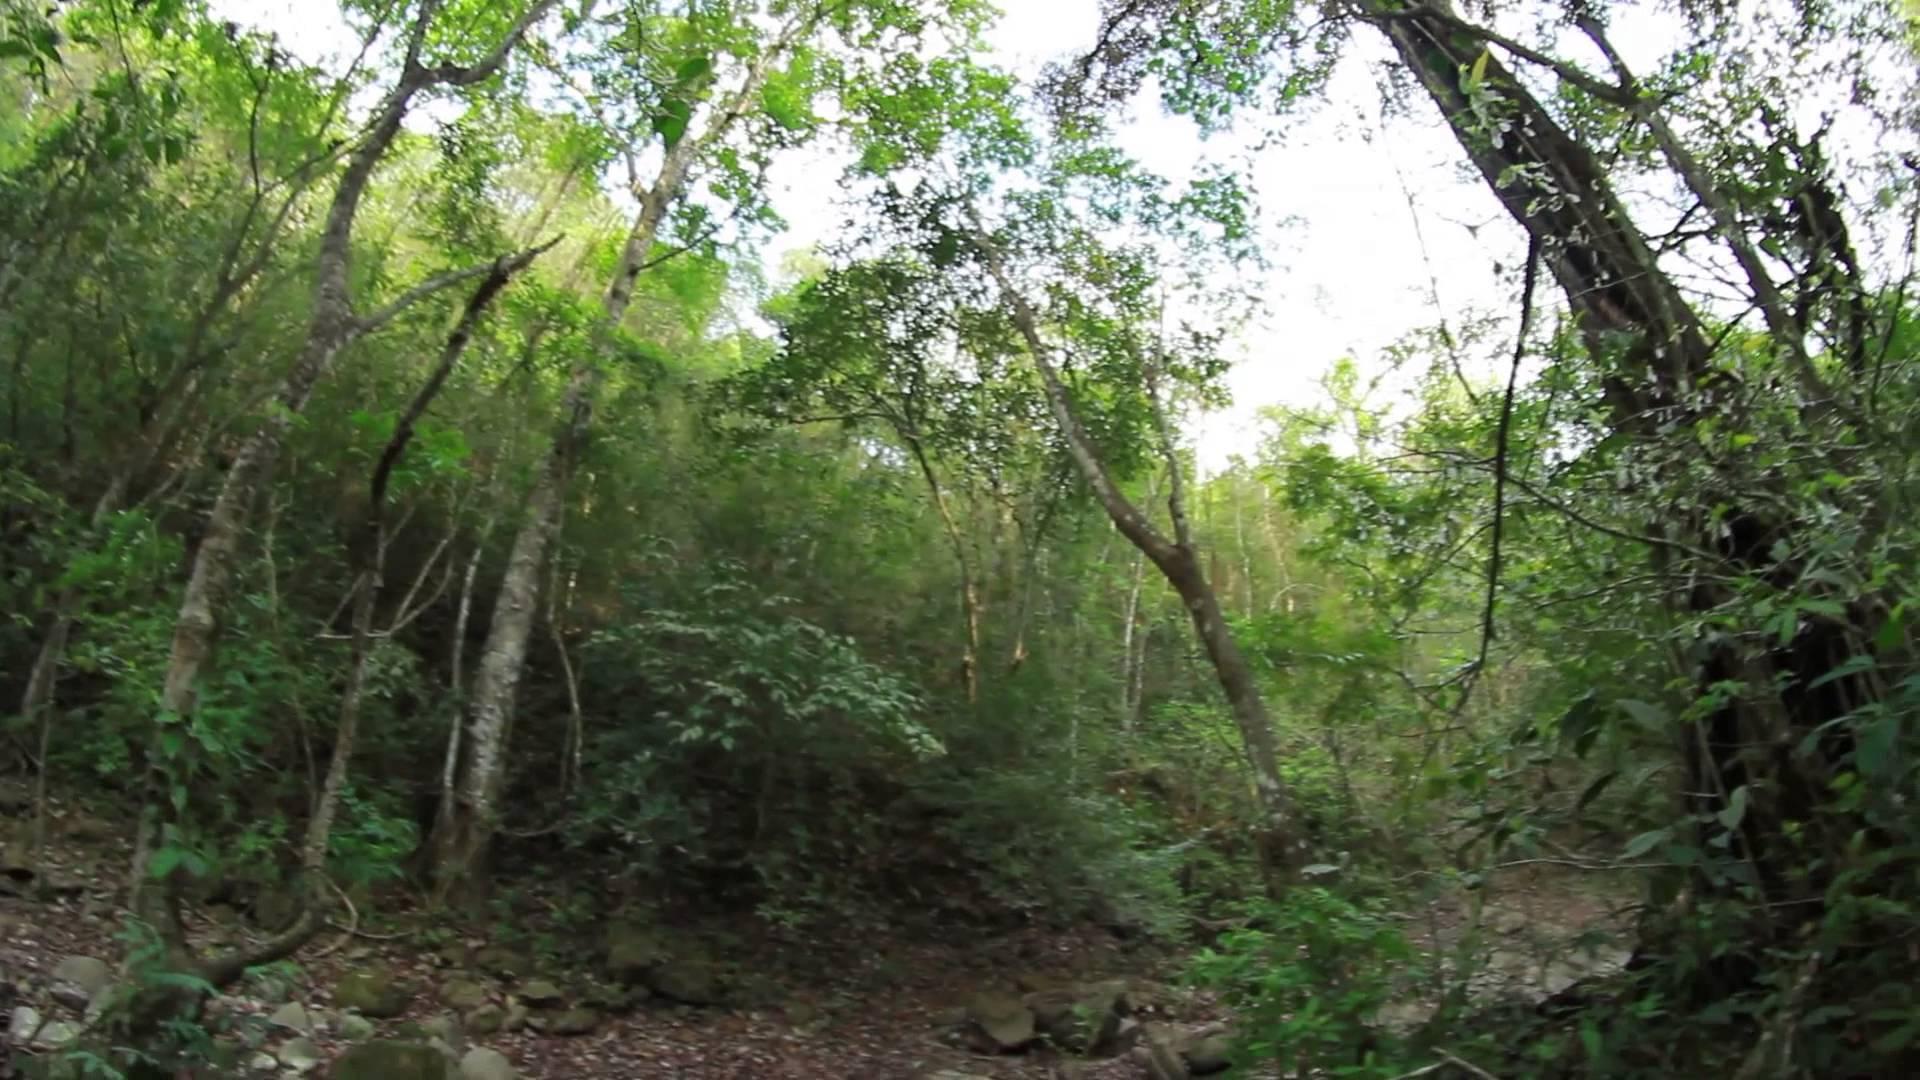 Santuario de Flora y Fauna Los Colorados